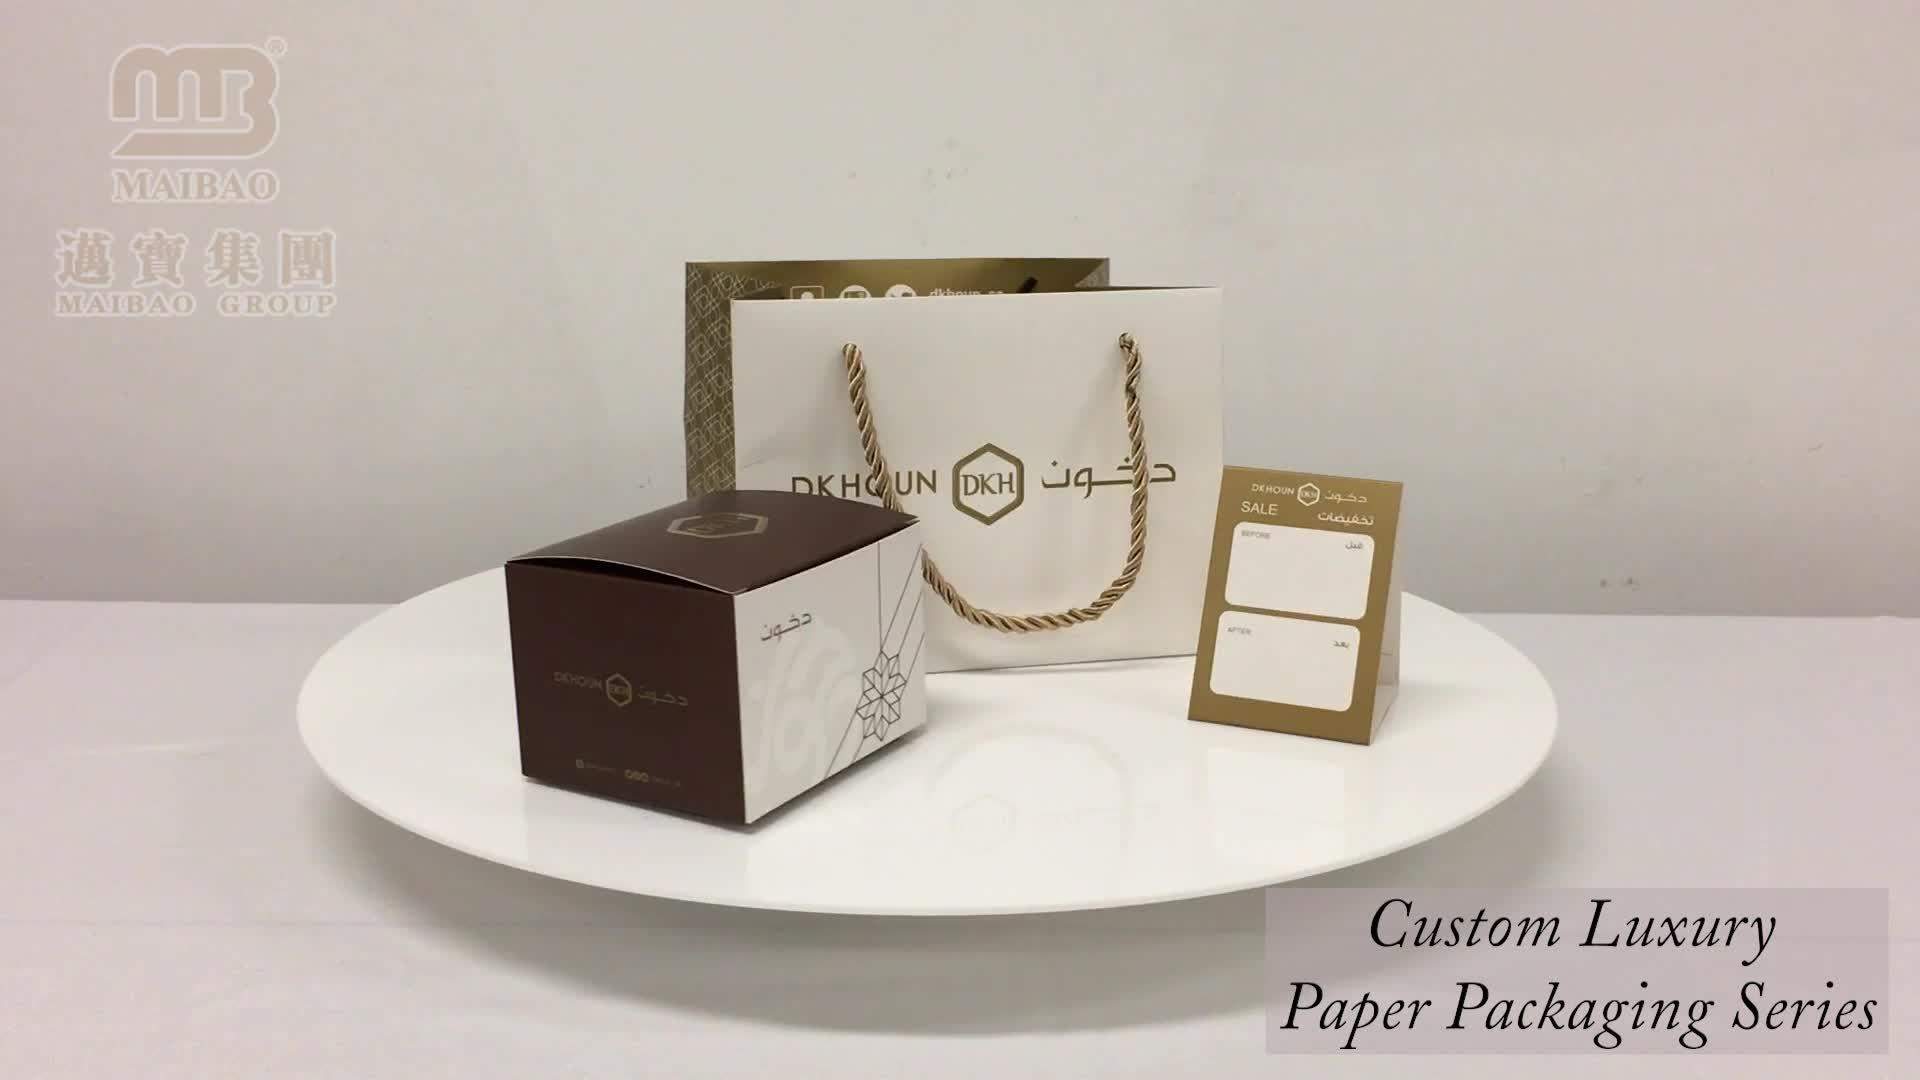 चीन का विनिर्माण छोटे सफेद लक्जरी वाहक शादी कस्टम लोगो मुद्रित कागज उपहार बैग के साथ संभाल